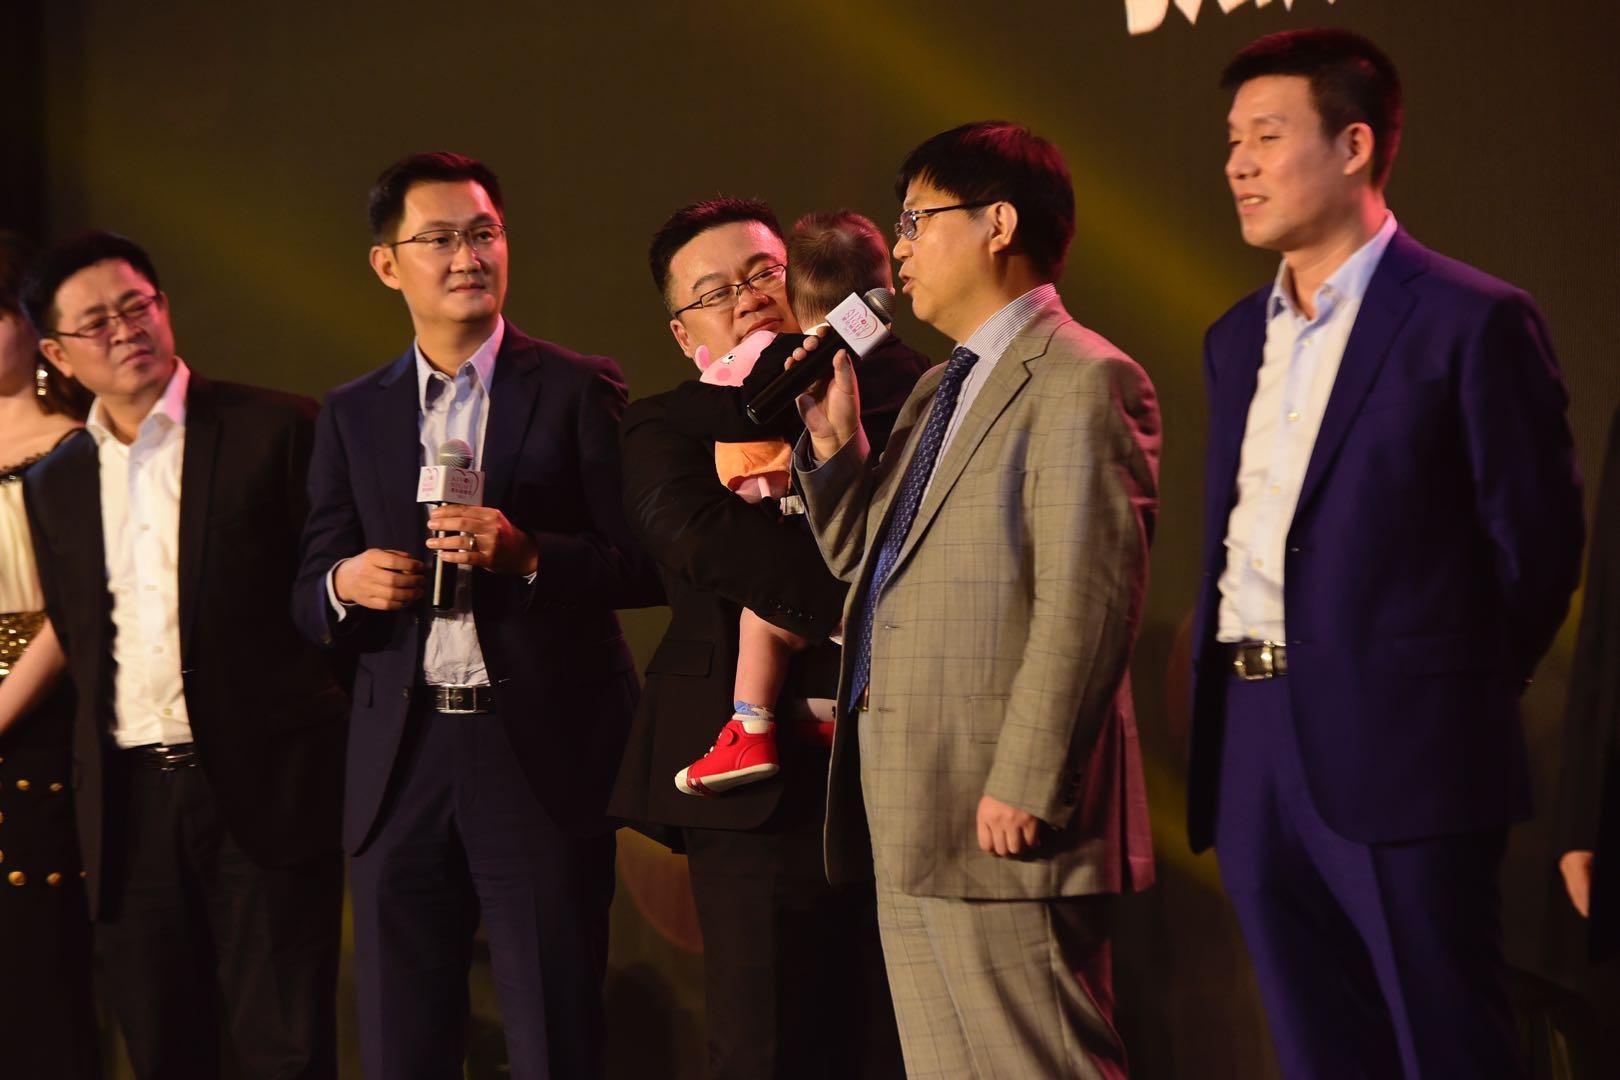 愛佑慈善基金會副理事長馬化騰先生(左二),w66網址董事長蔡強(右二)